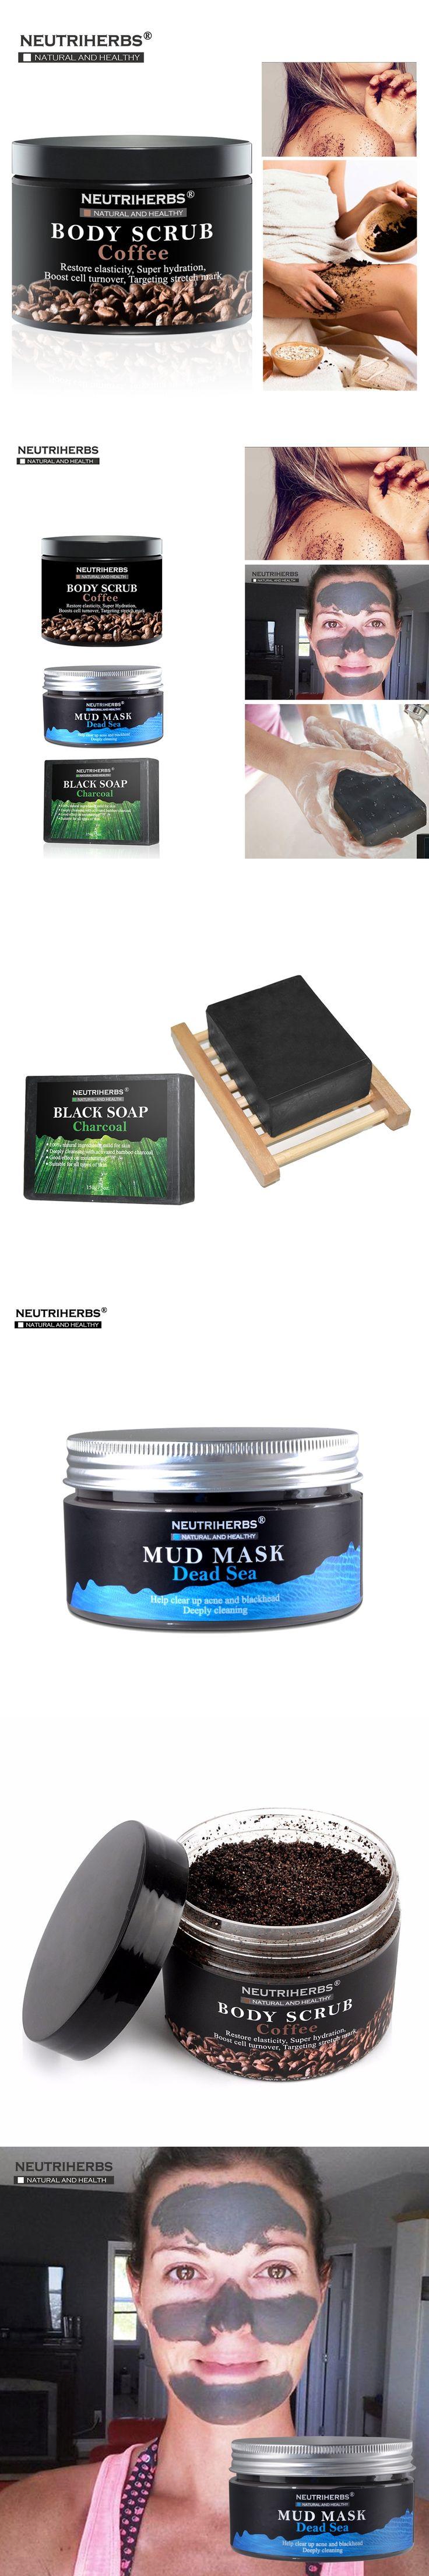 Coconut Coffee Body Scrub Cream Whitening Charcoal Handmade Soap Dead Sea Mud Face Black Blackhead Remover Mask 3 in 1 Set